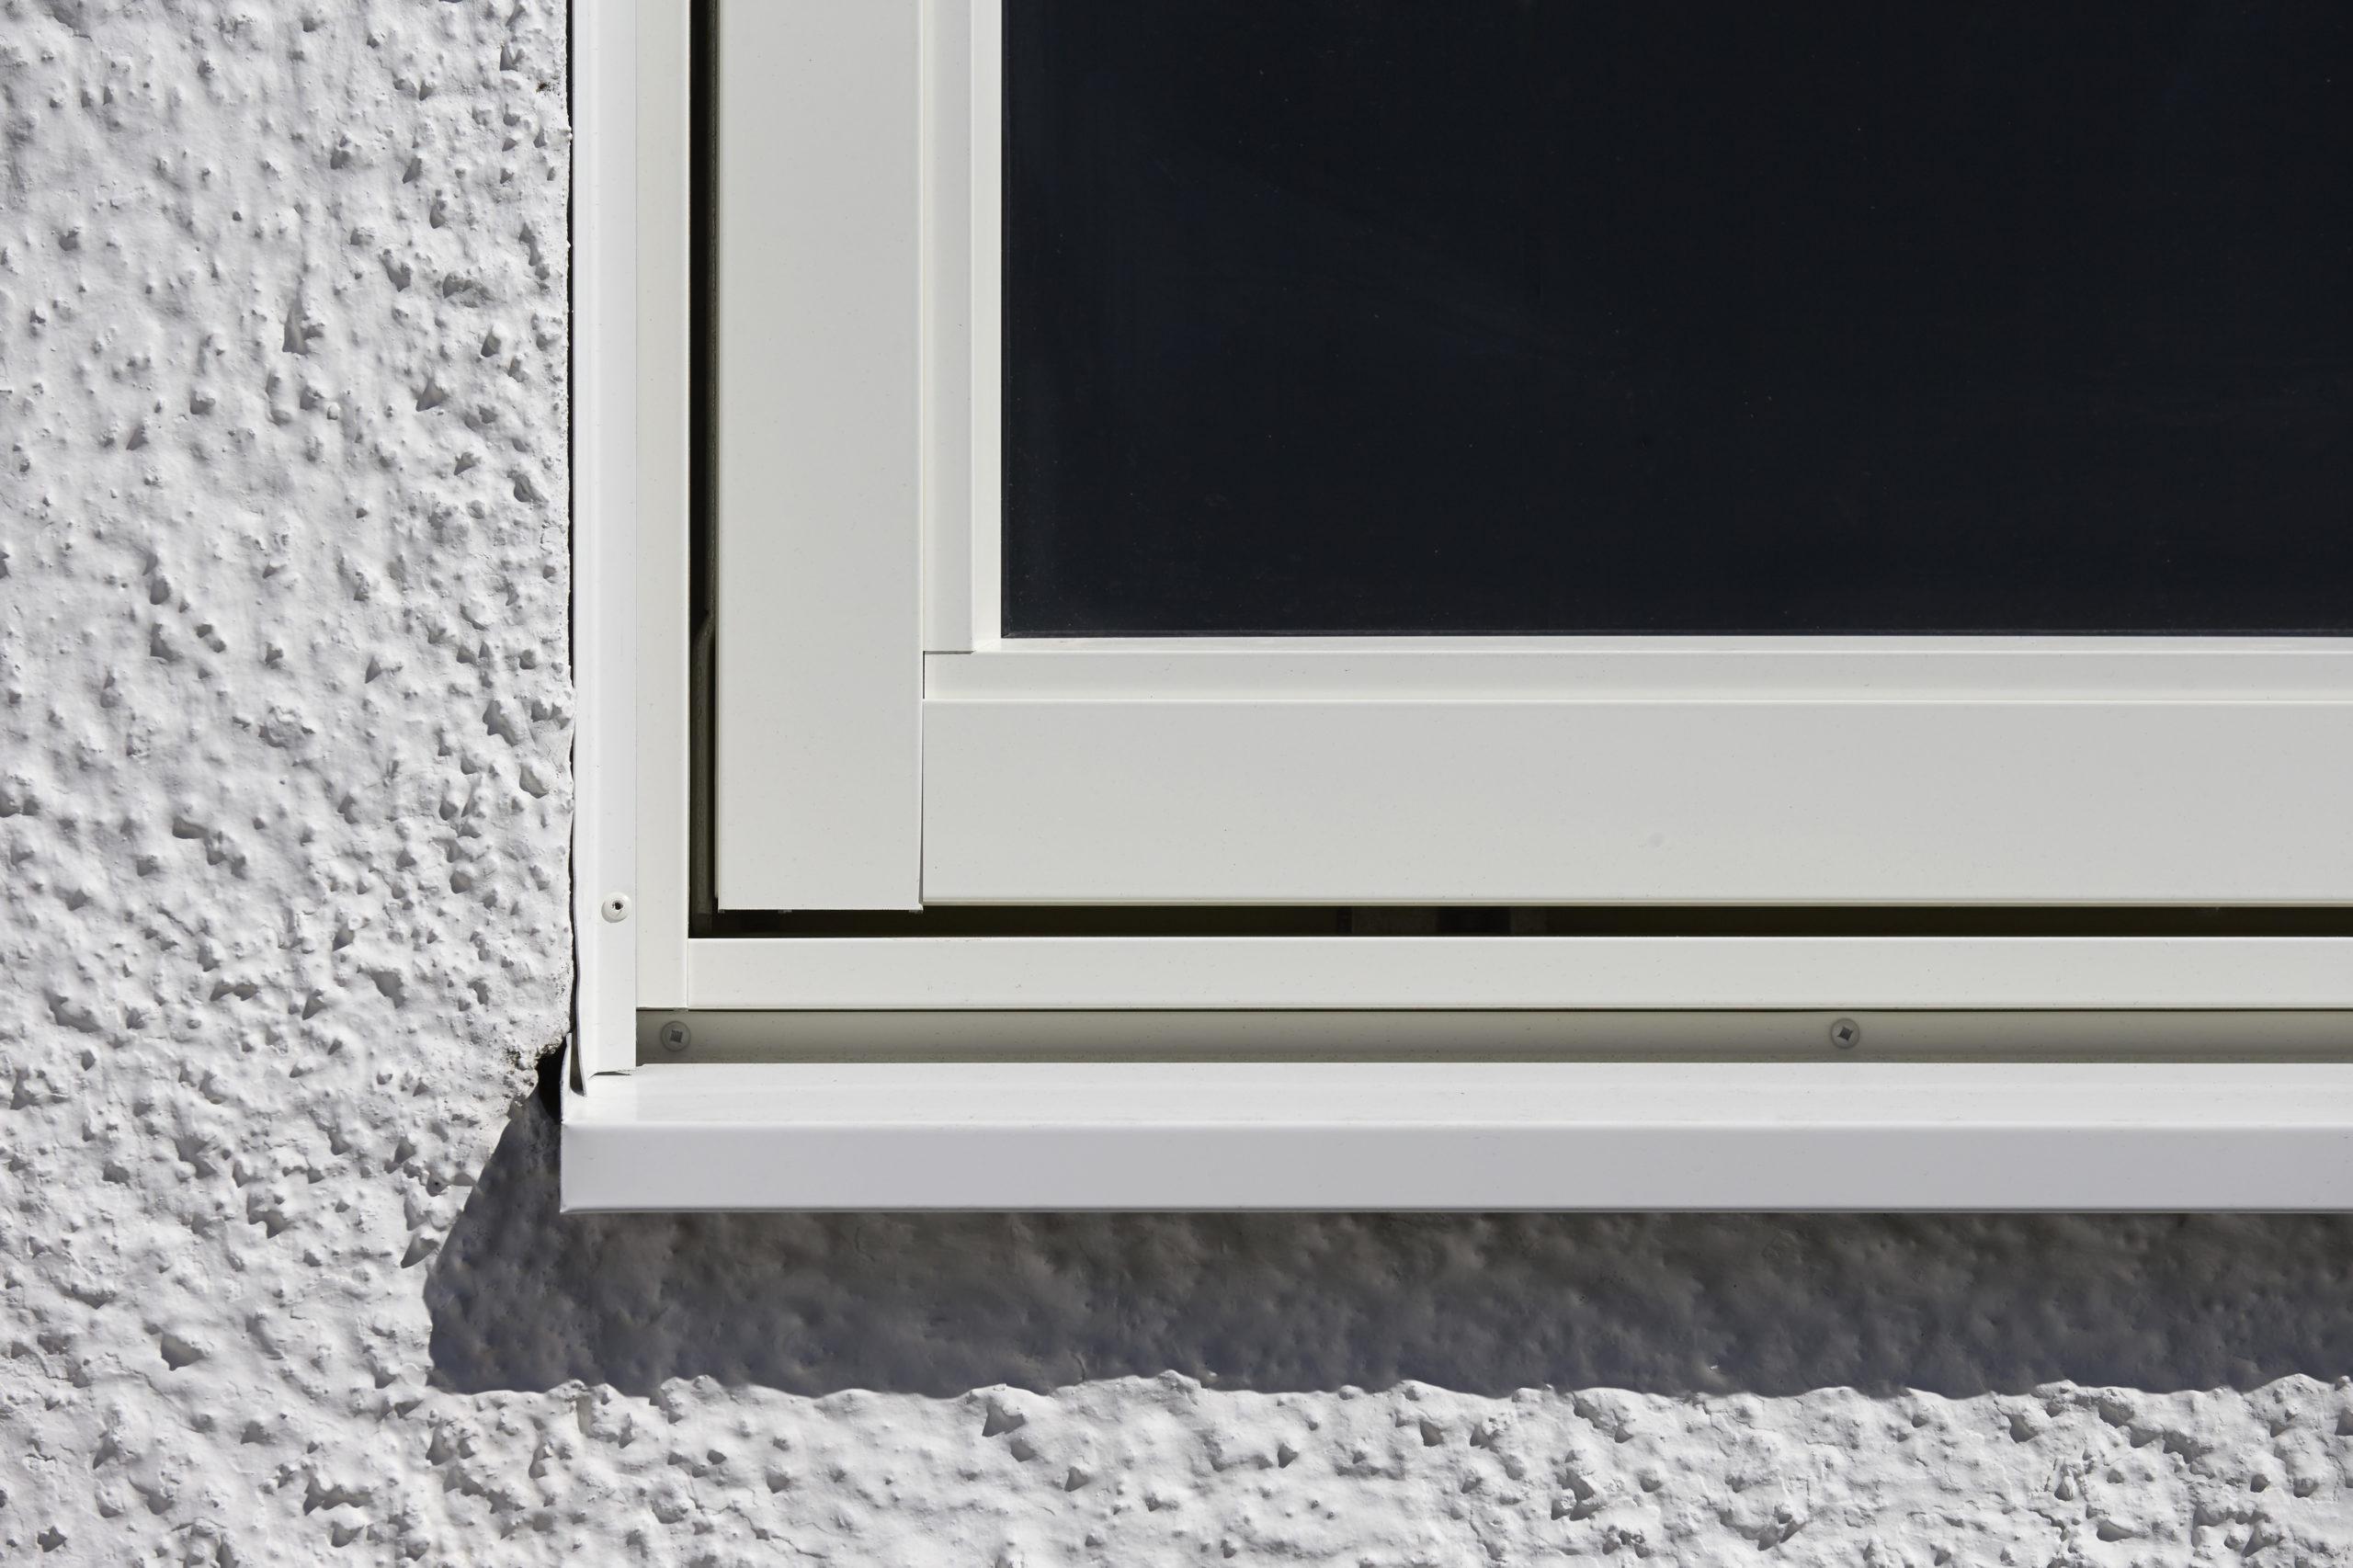 Kondens på fönster